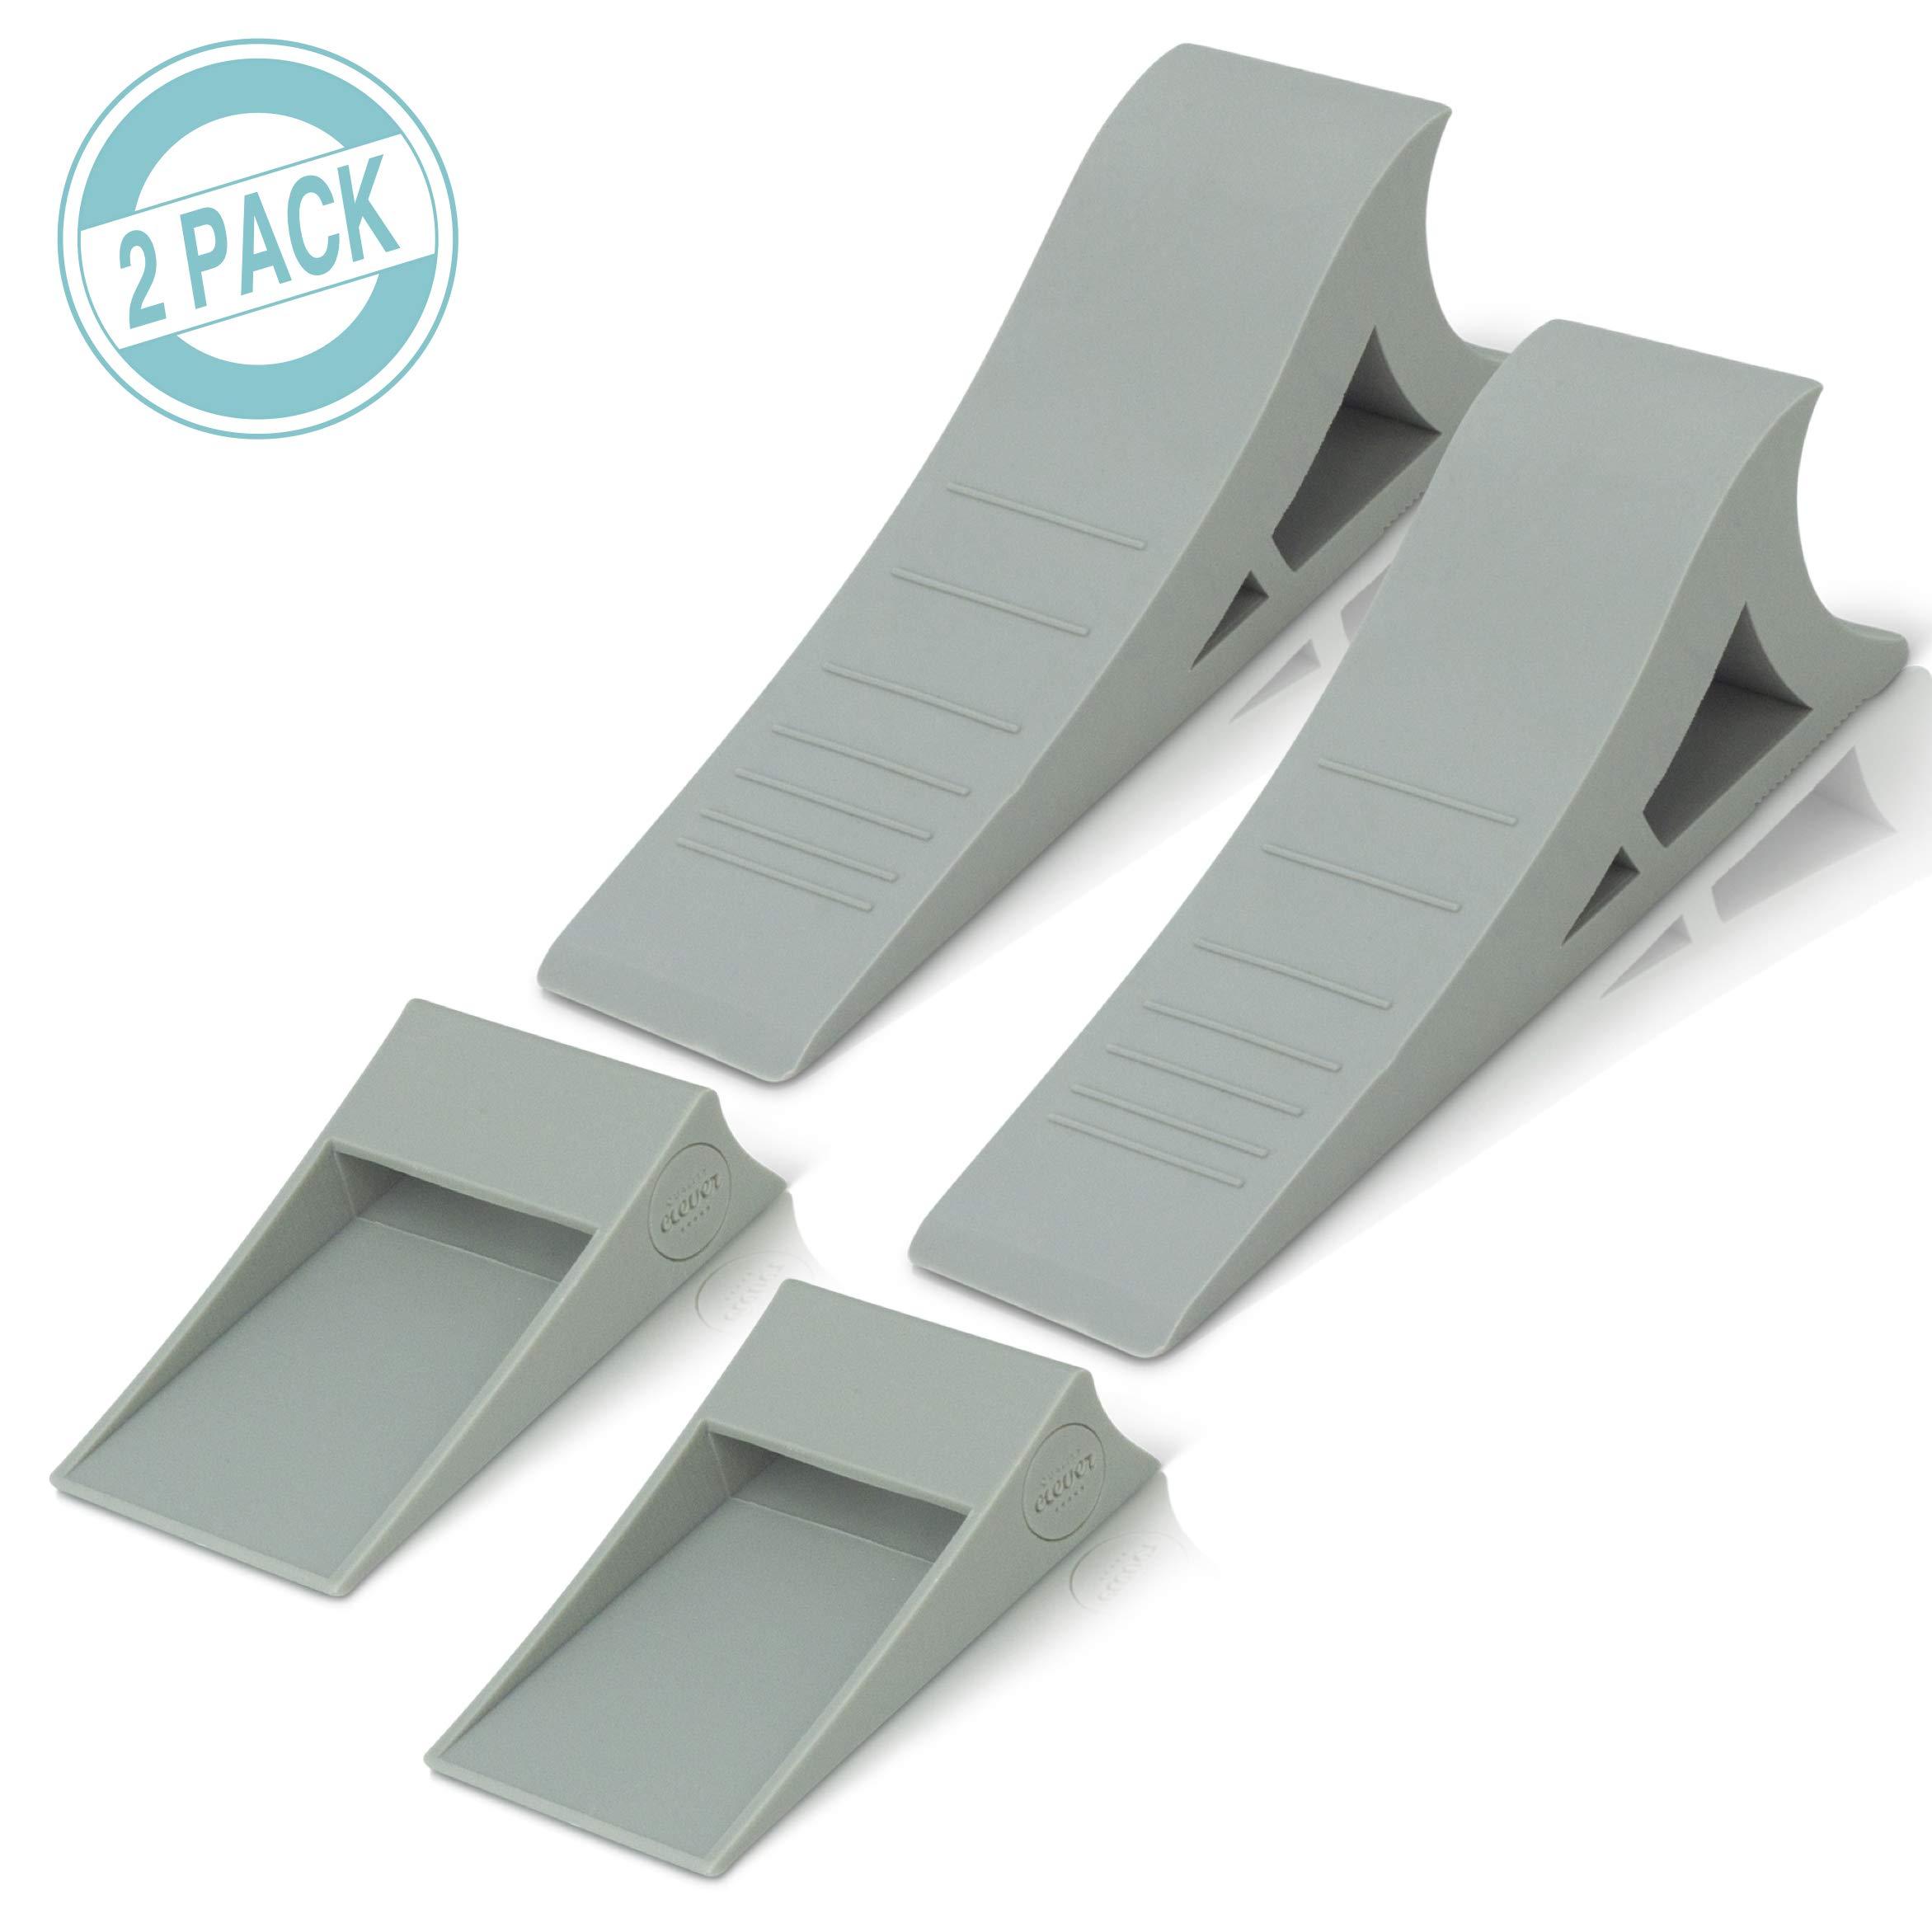 Heavy Duty Rubber Door Stopper – Zero Edge Door Wedge Stops All Doors, Gaps to 1.5 Inch on All Surfaces – Door Stopper Wall Mount Hangs Up When Not In Use for No-Bending Easy Access